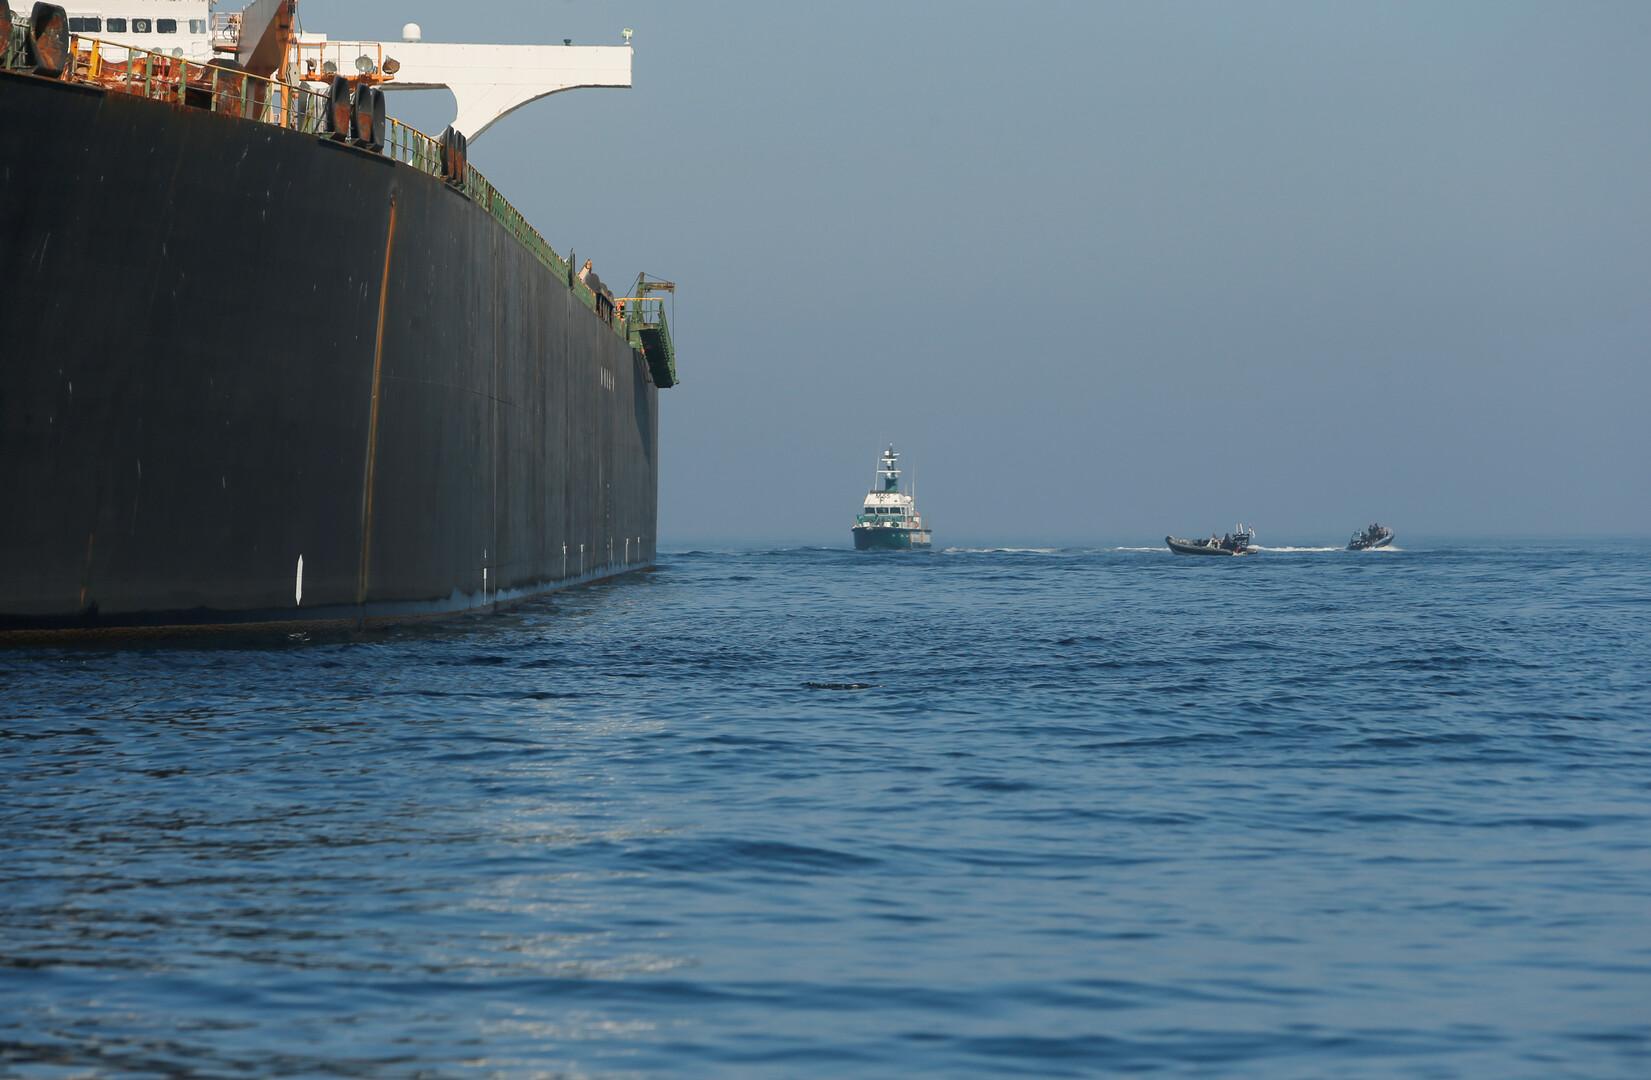 وسائل إعلام إسرائيلية: الاشتباه بتسليم سفينة إيرانية أسلحة لسوريا